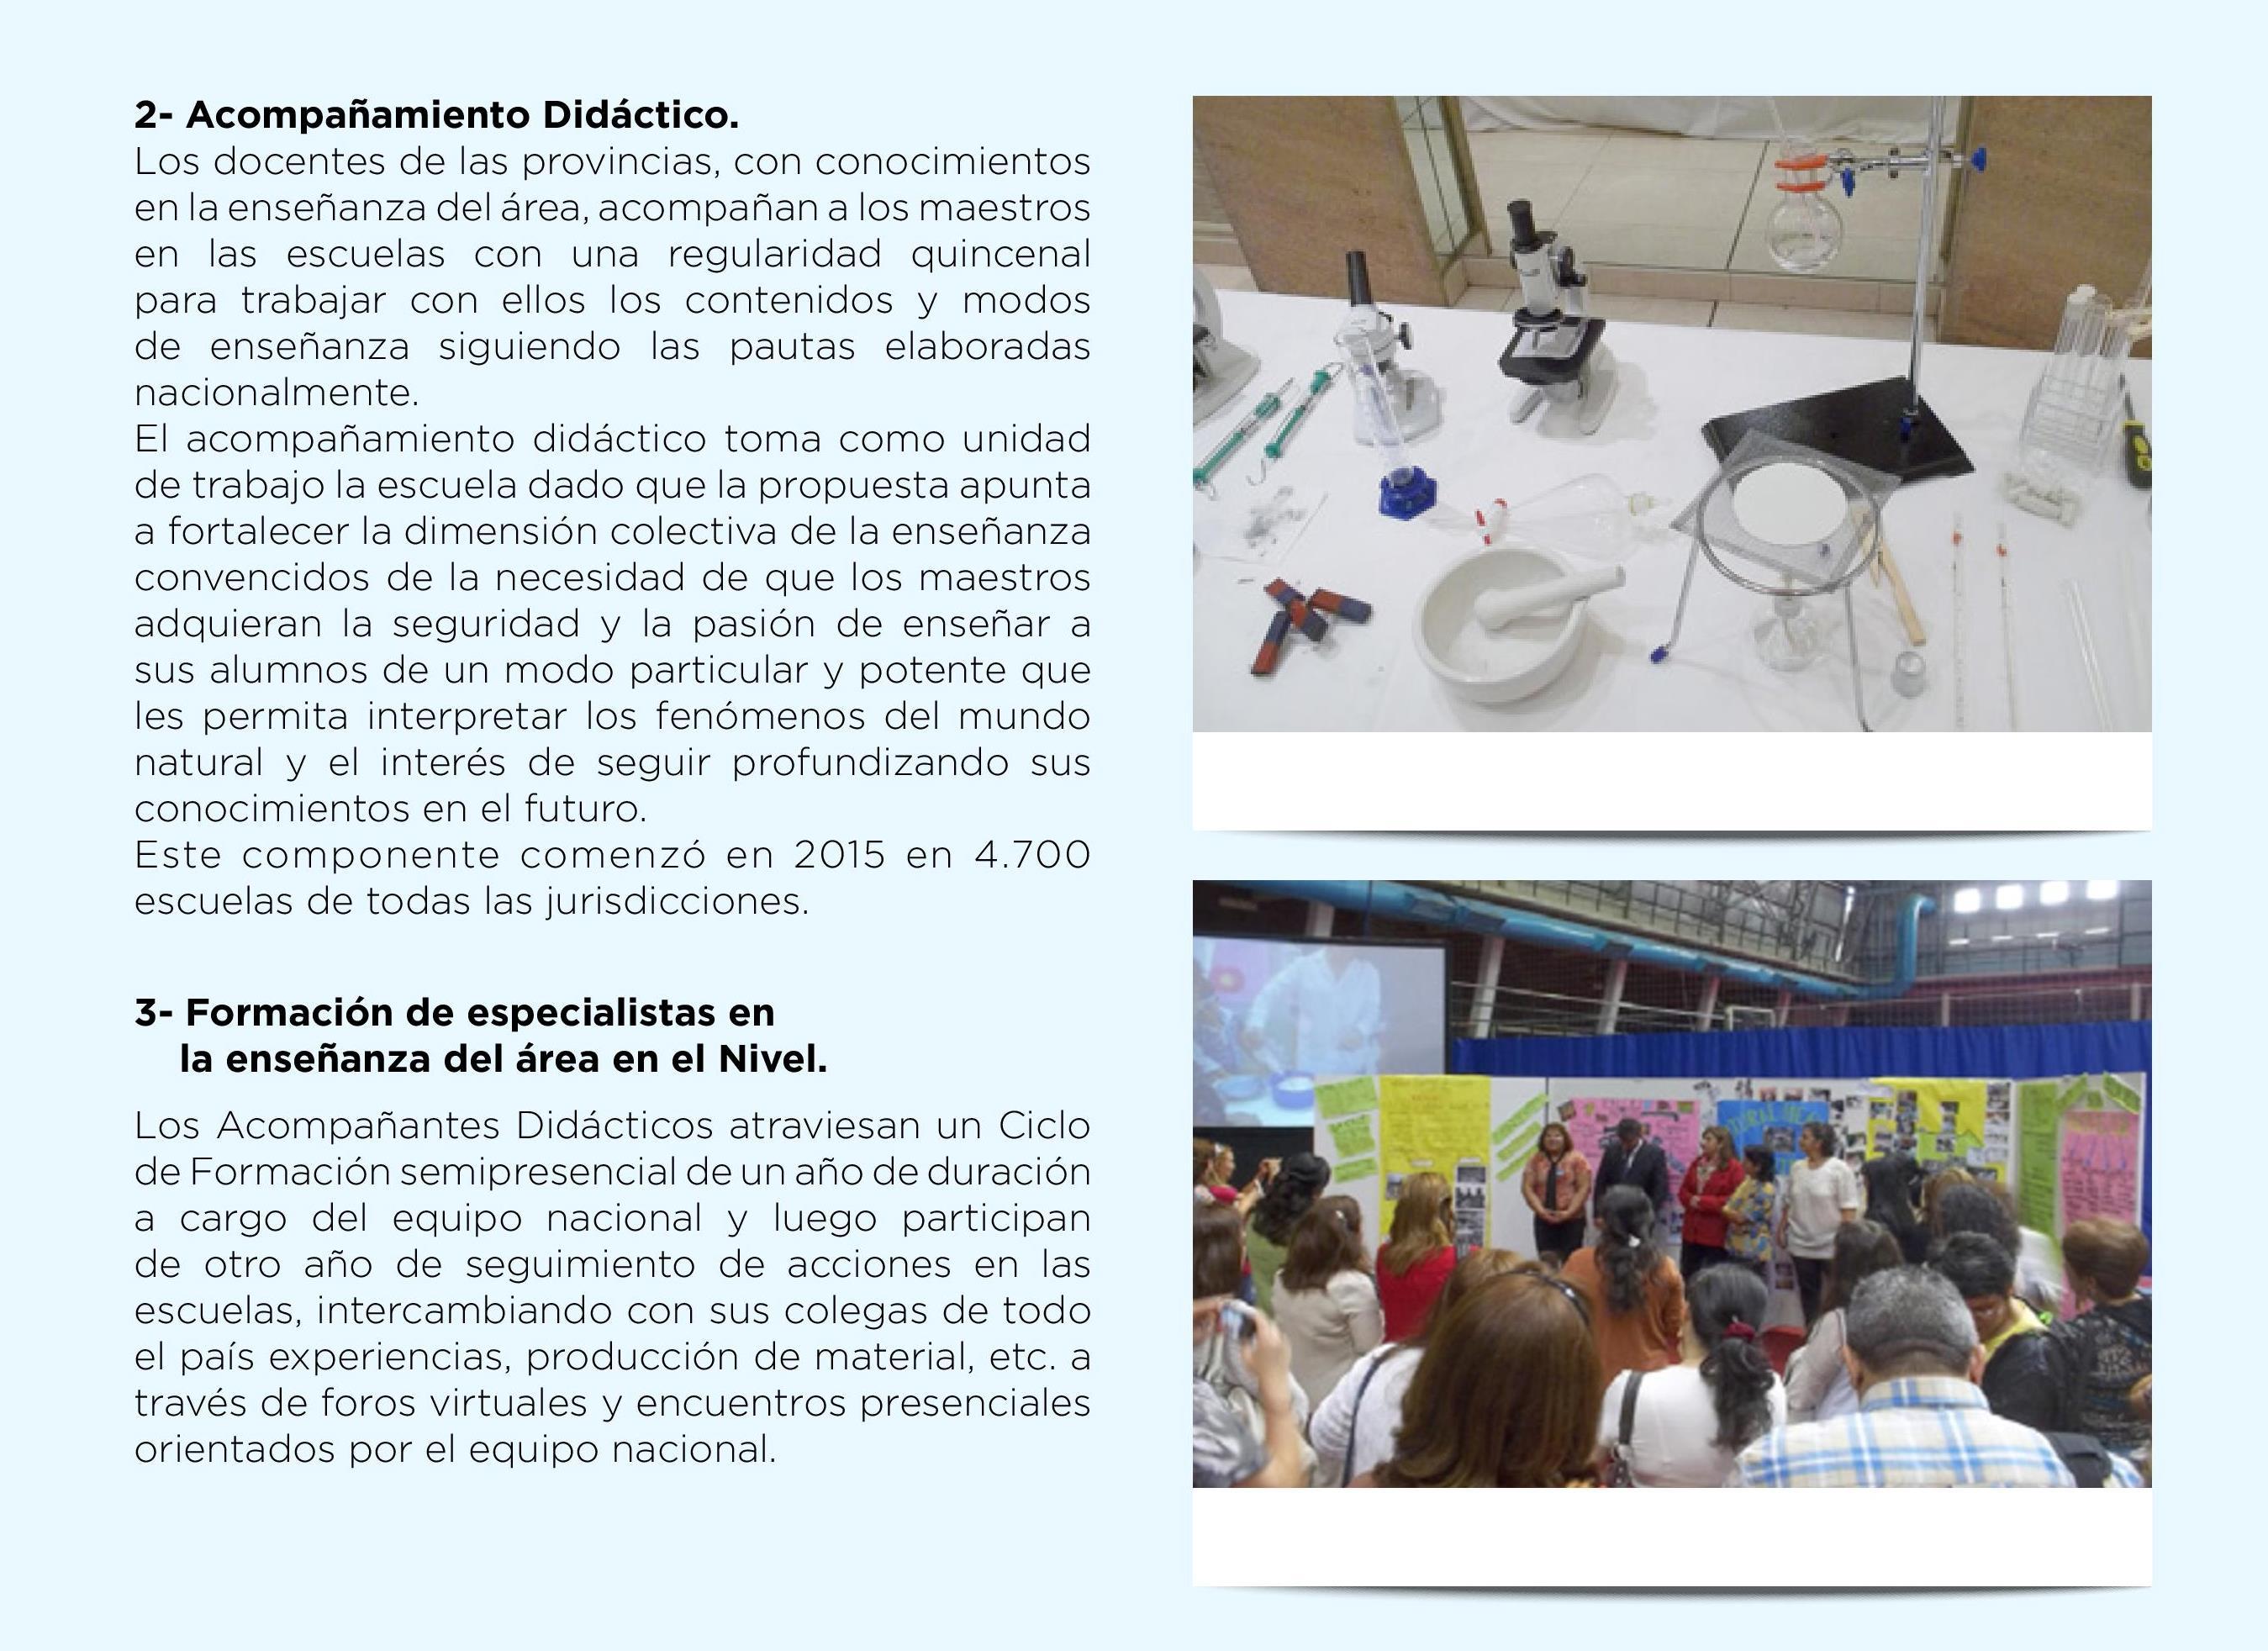 CIENCIAS NATURALES-page-002